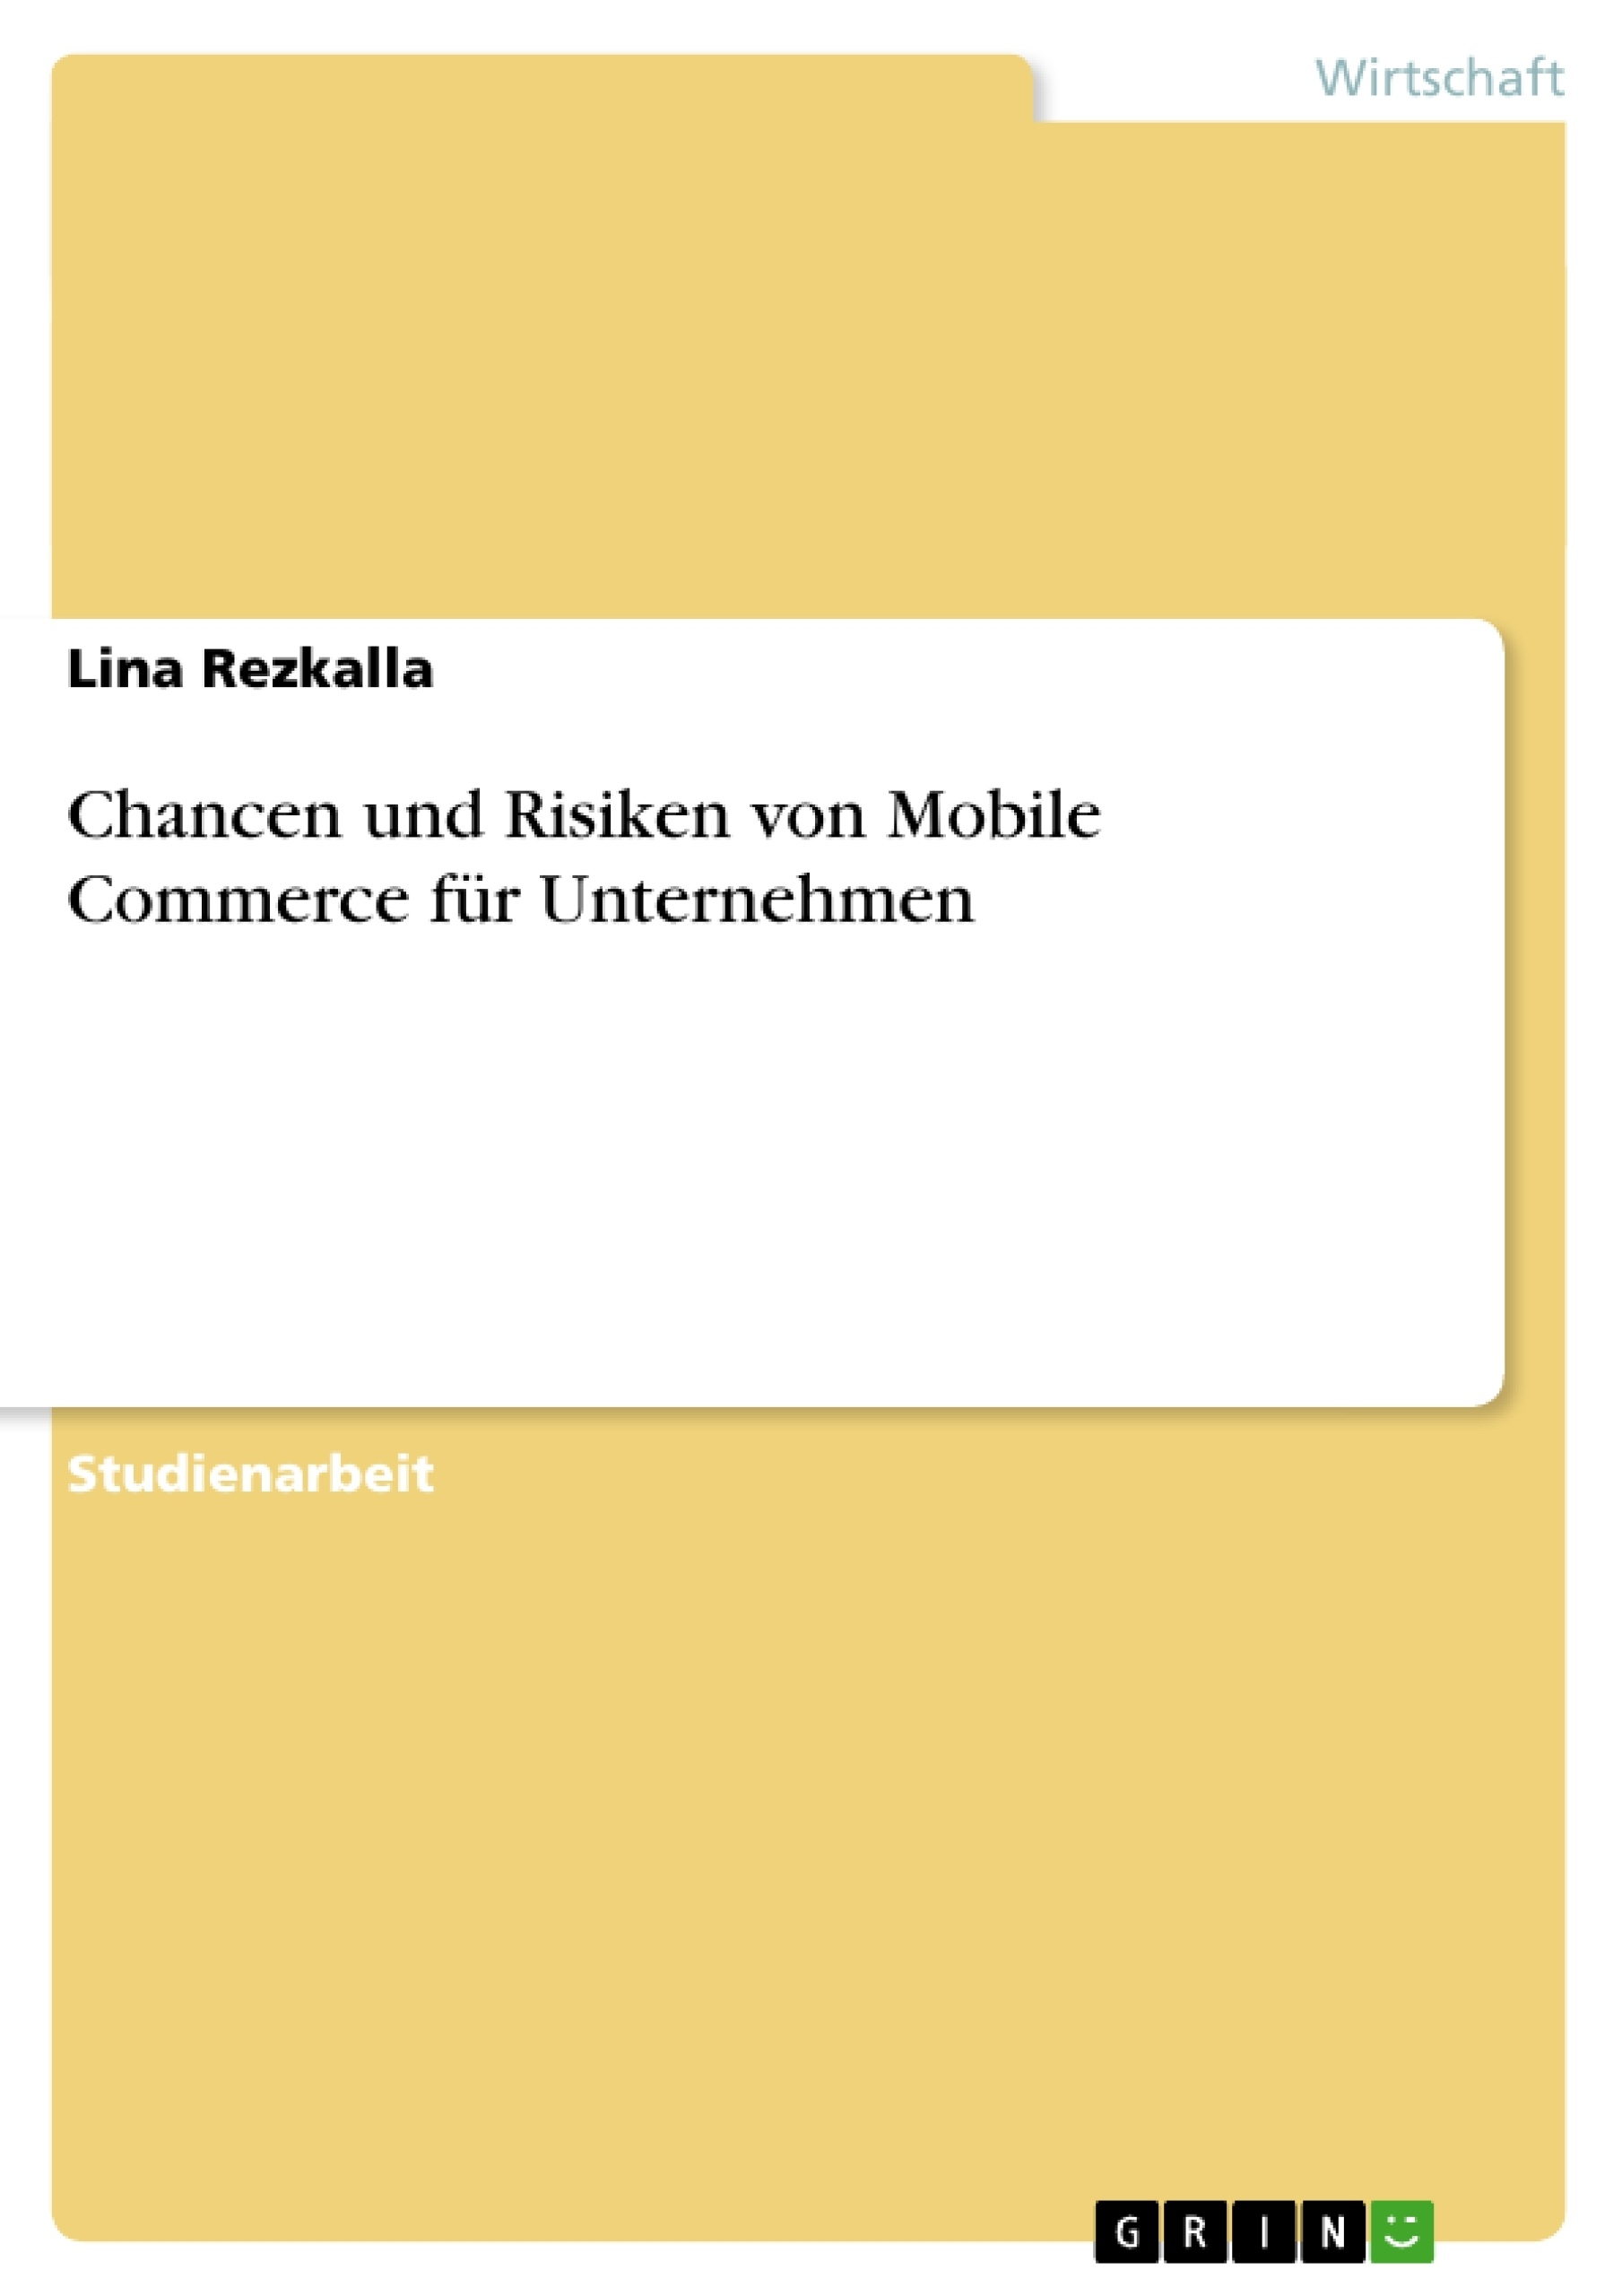 Titel: Chancen und Risiken von Mobile Commerce für Unternehmen